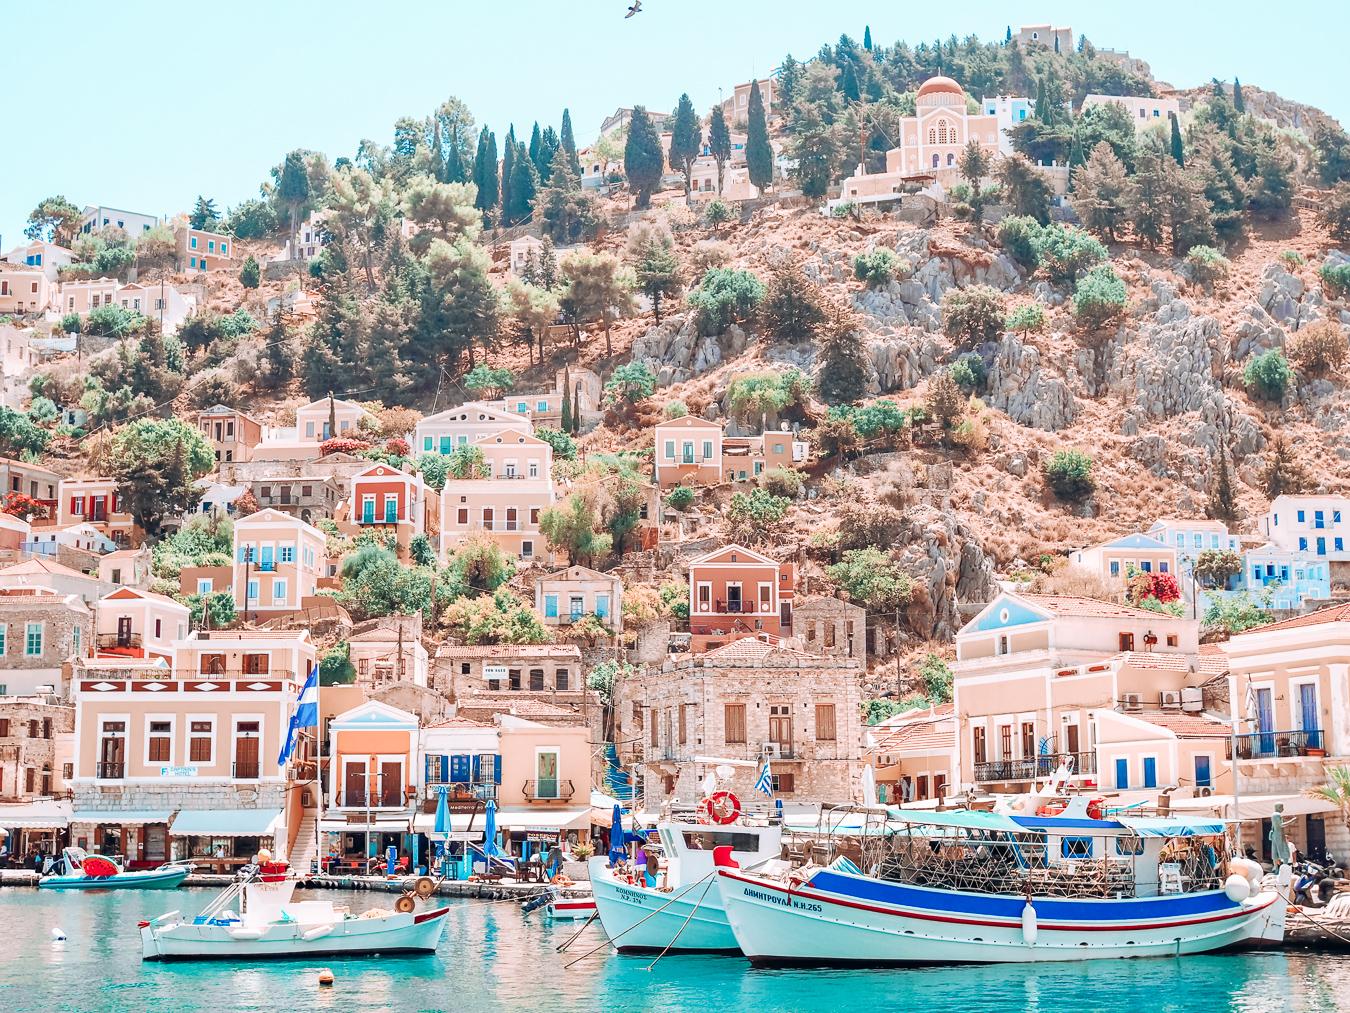 Houses in Symi